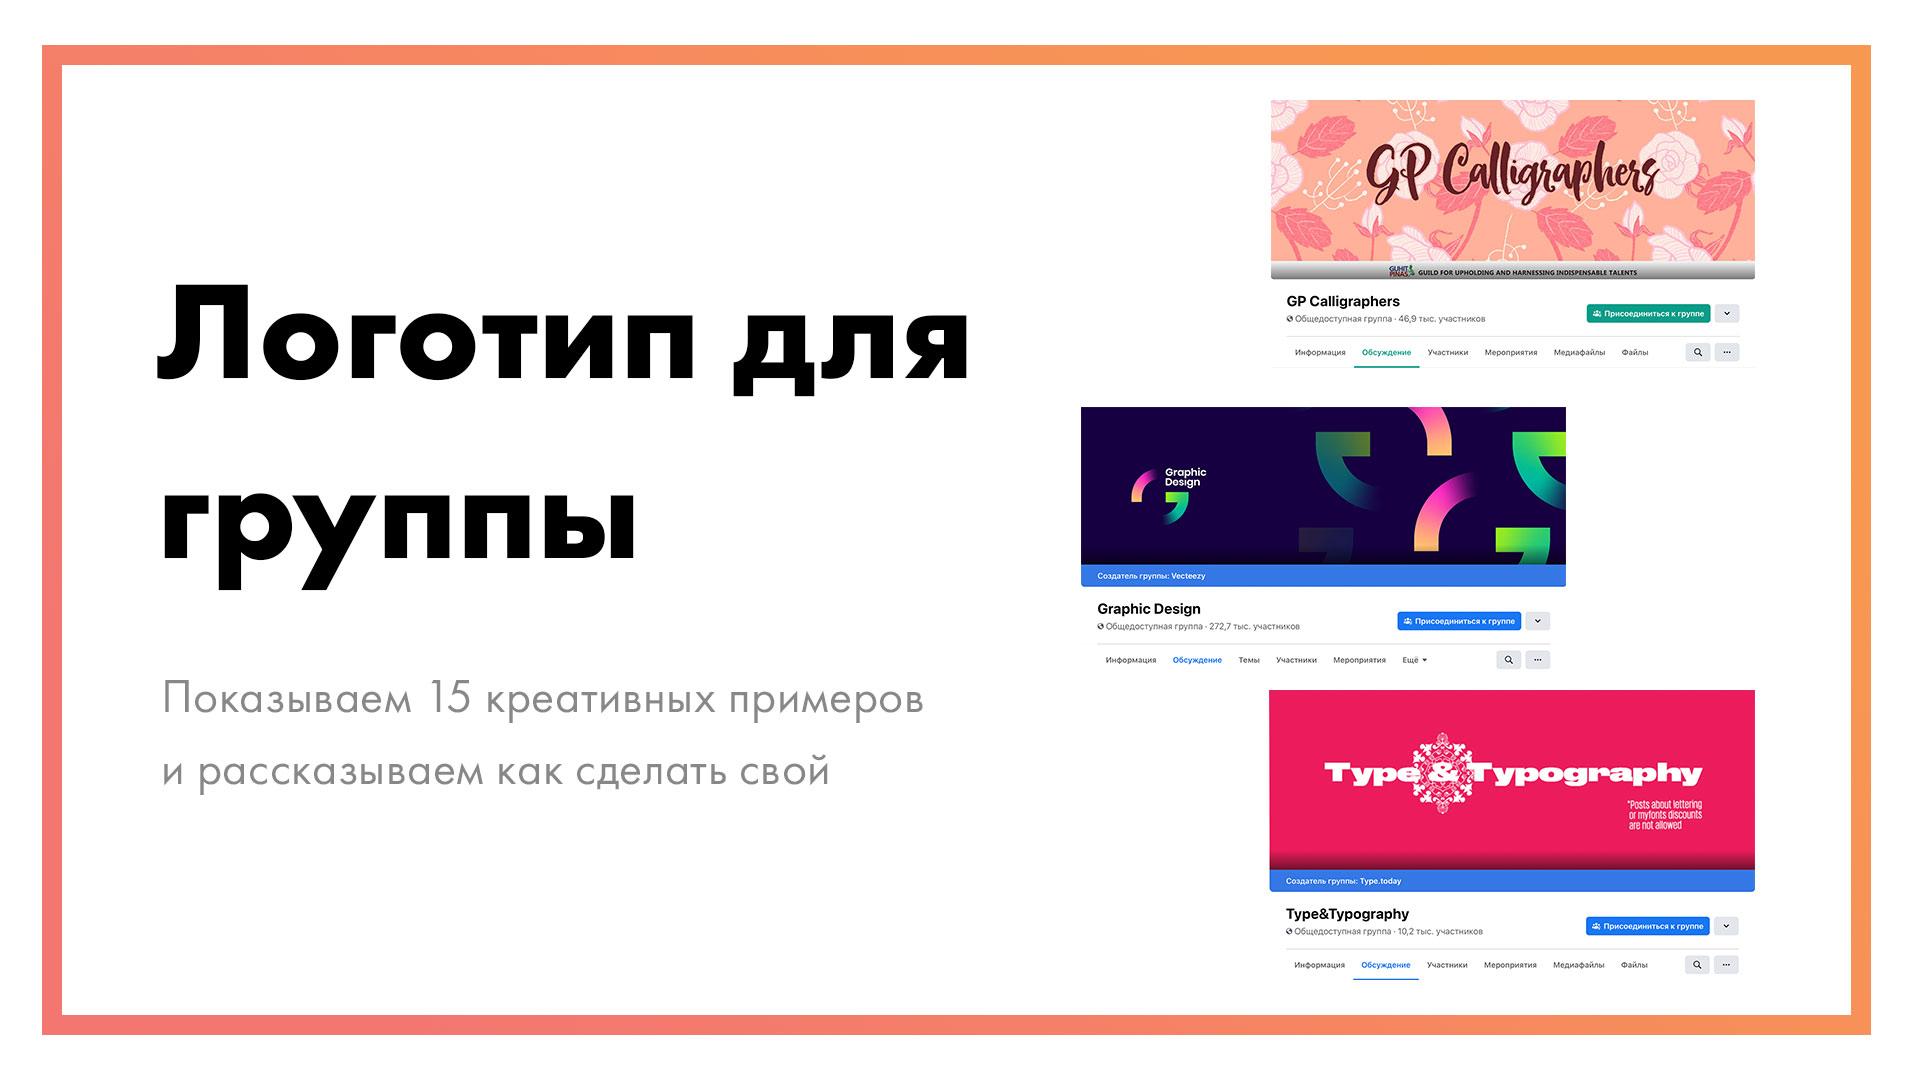 Создайте-логотип-группы-онлайн-_-Facebook,-Вконтакте,-Одноклассники-и-др.jpg